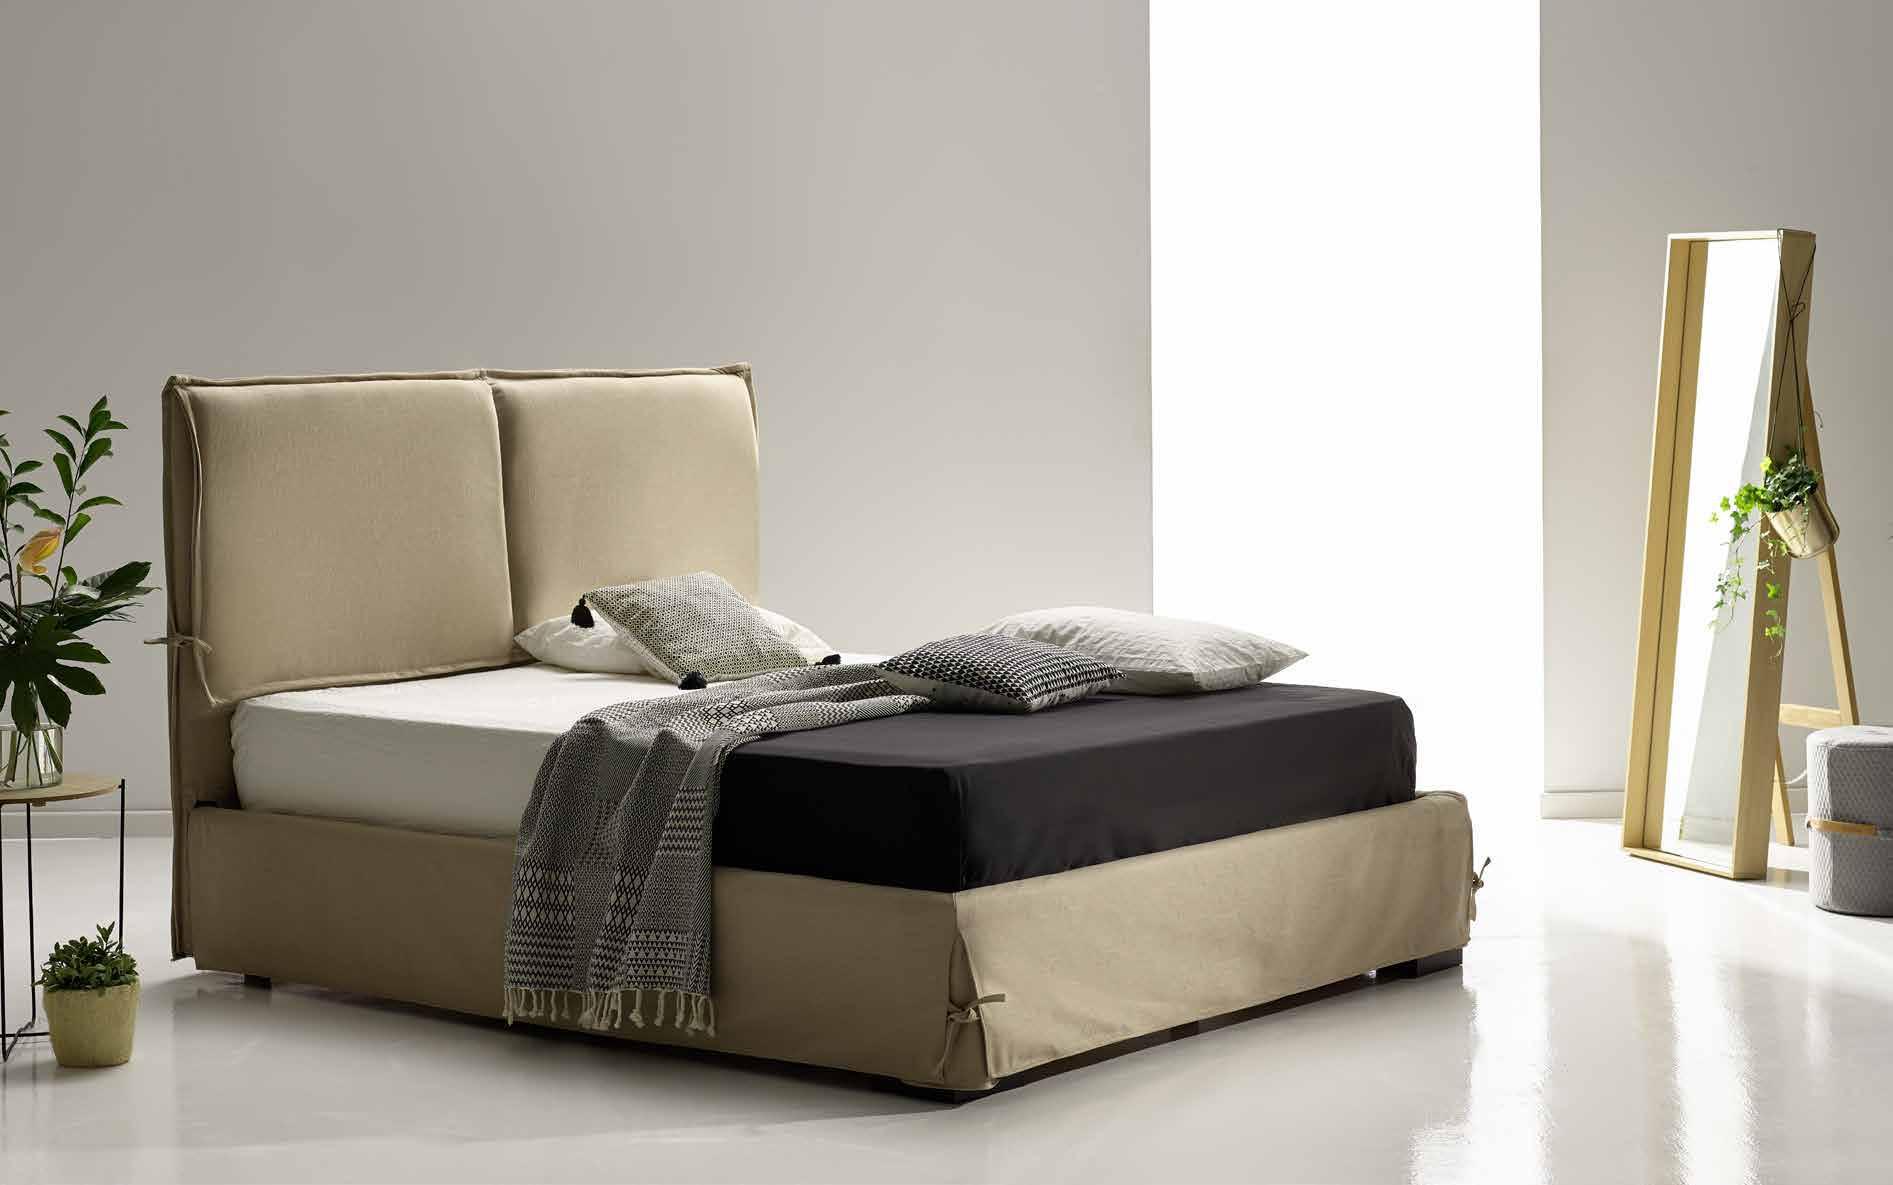 cabeceros-tapizados-muebles-paco-caballero-1837-5c8fd84a9bc64